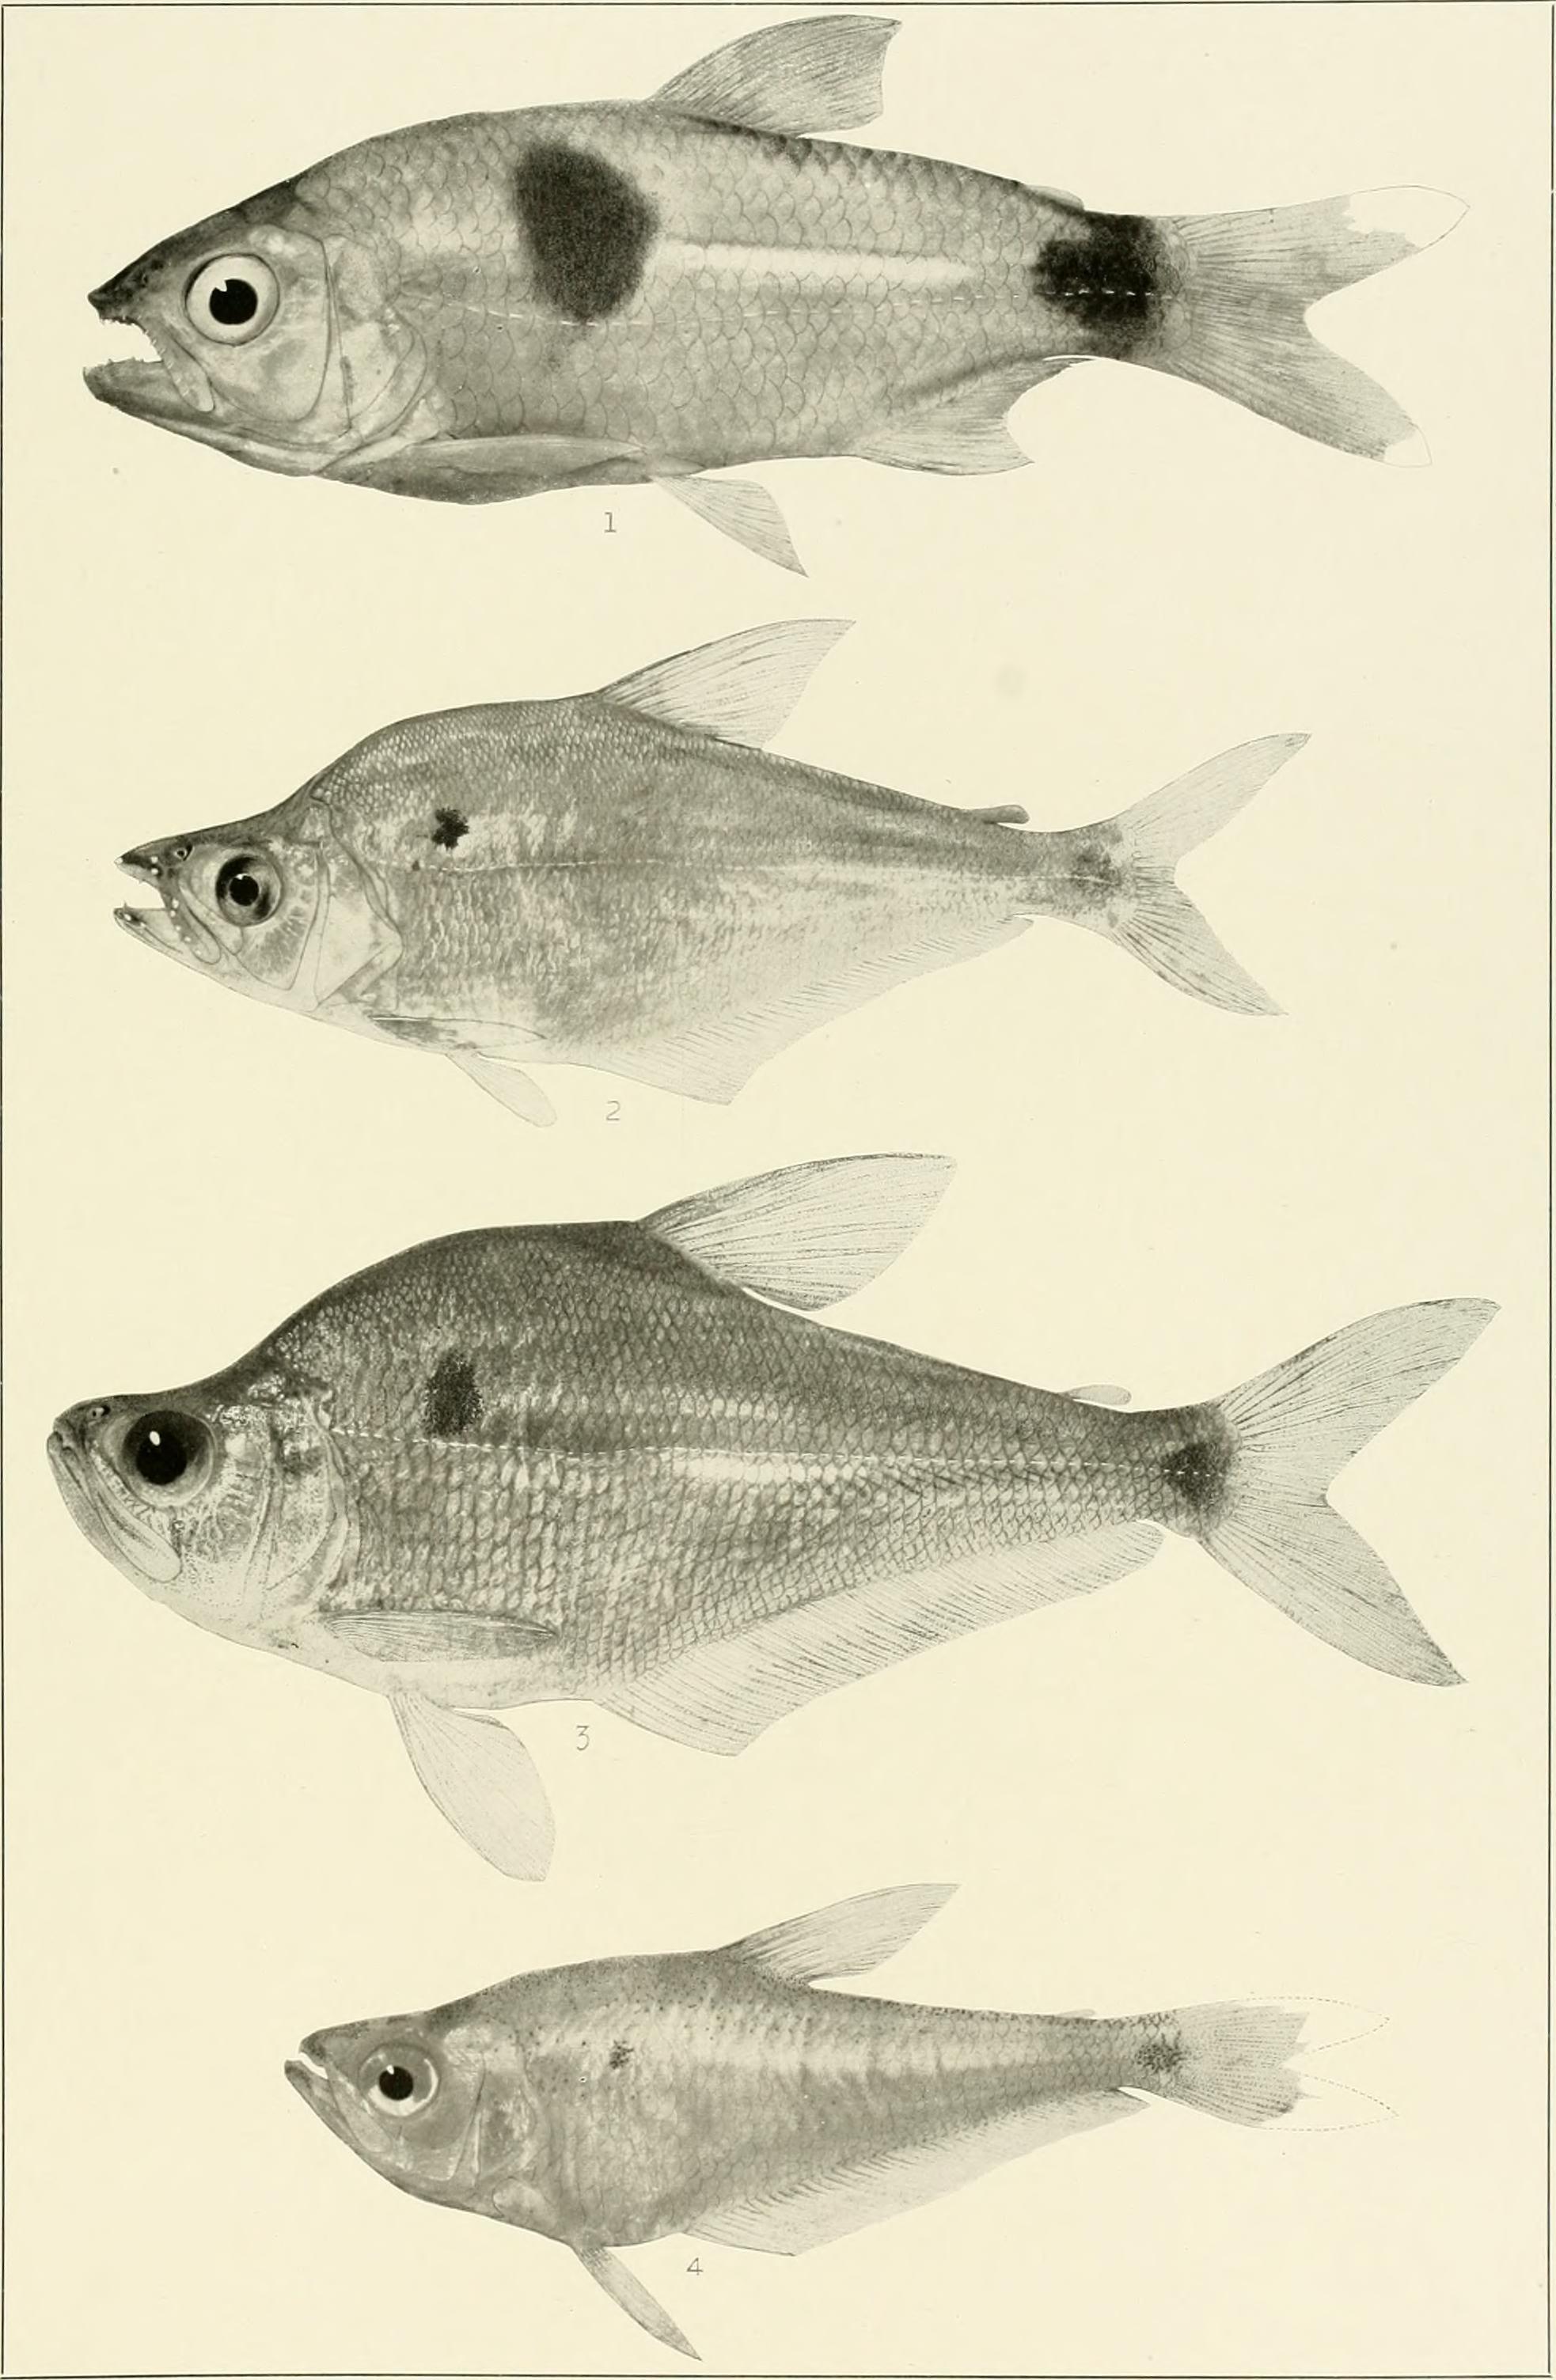 Image of Bucktooth tetra